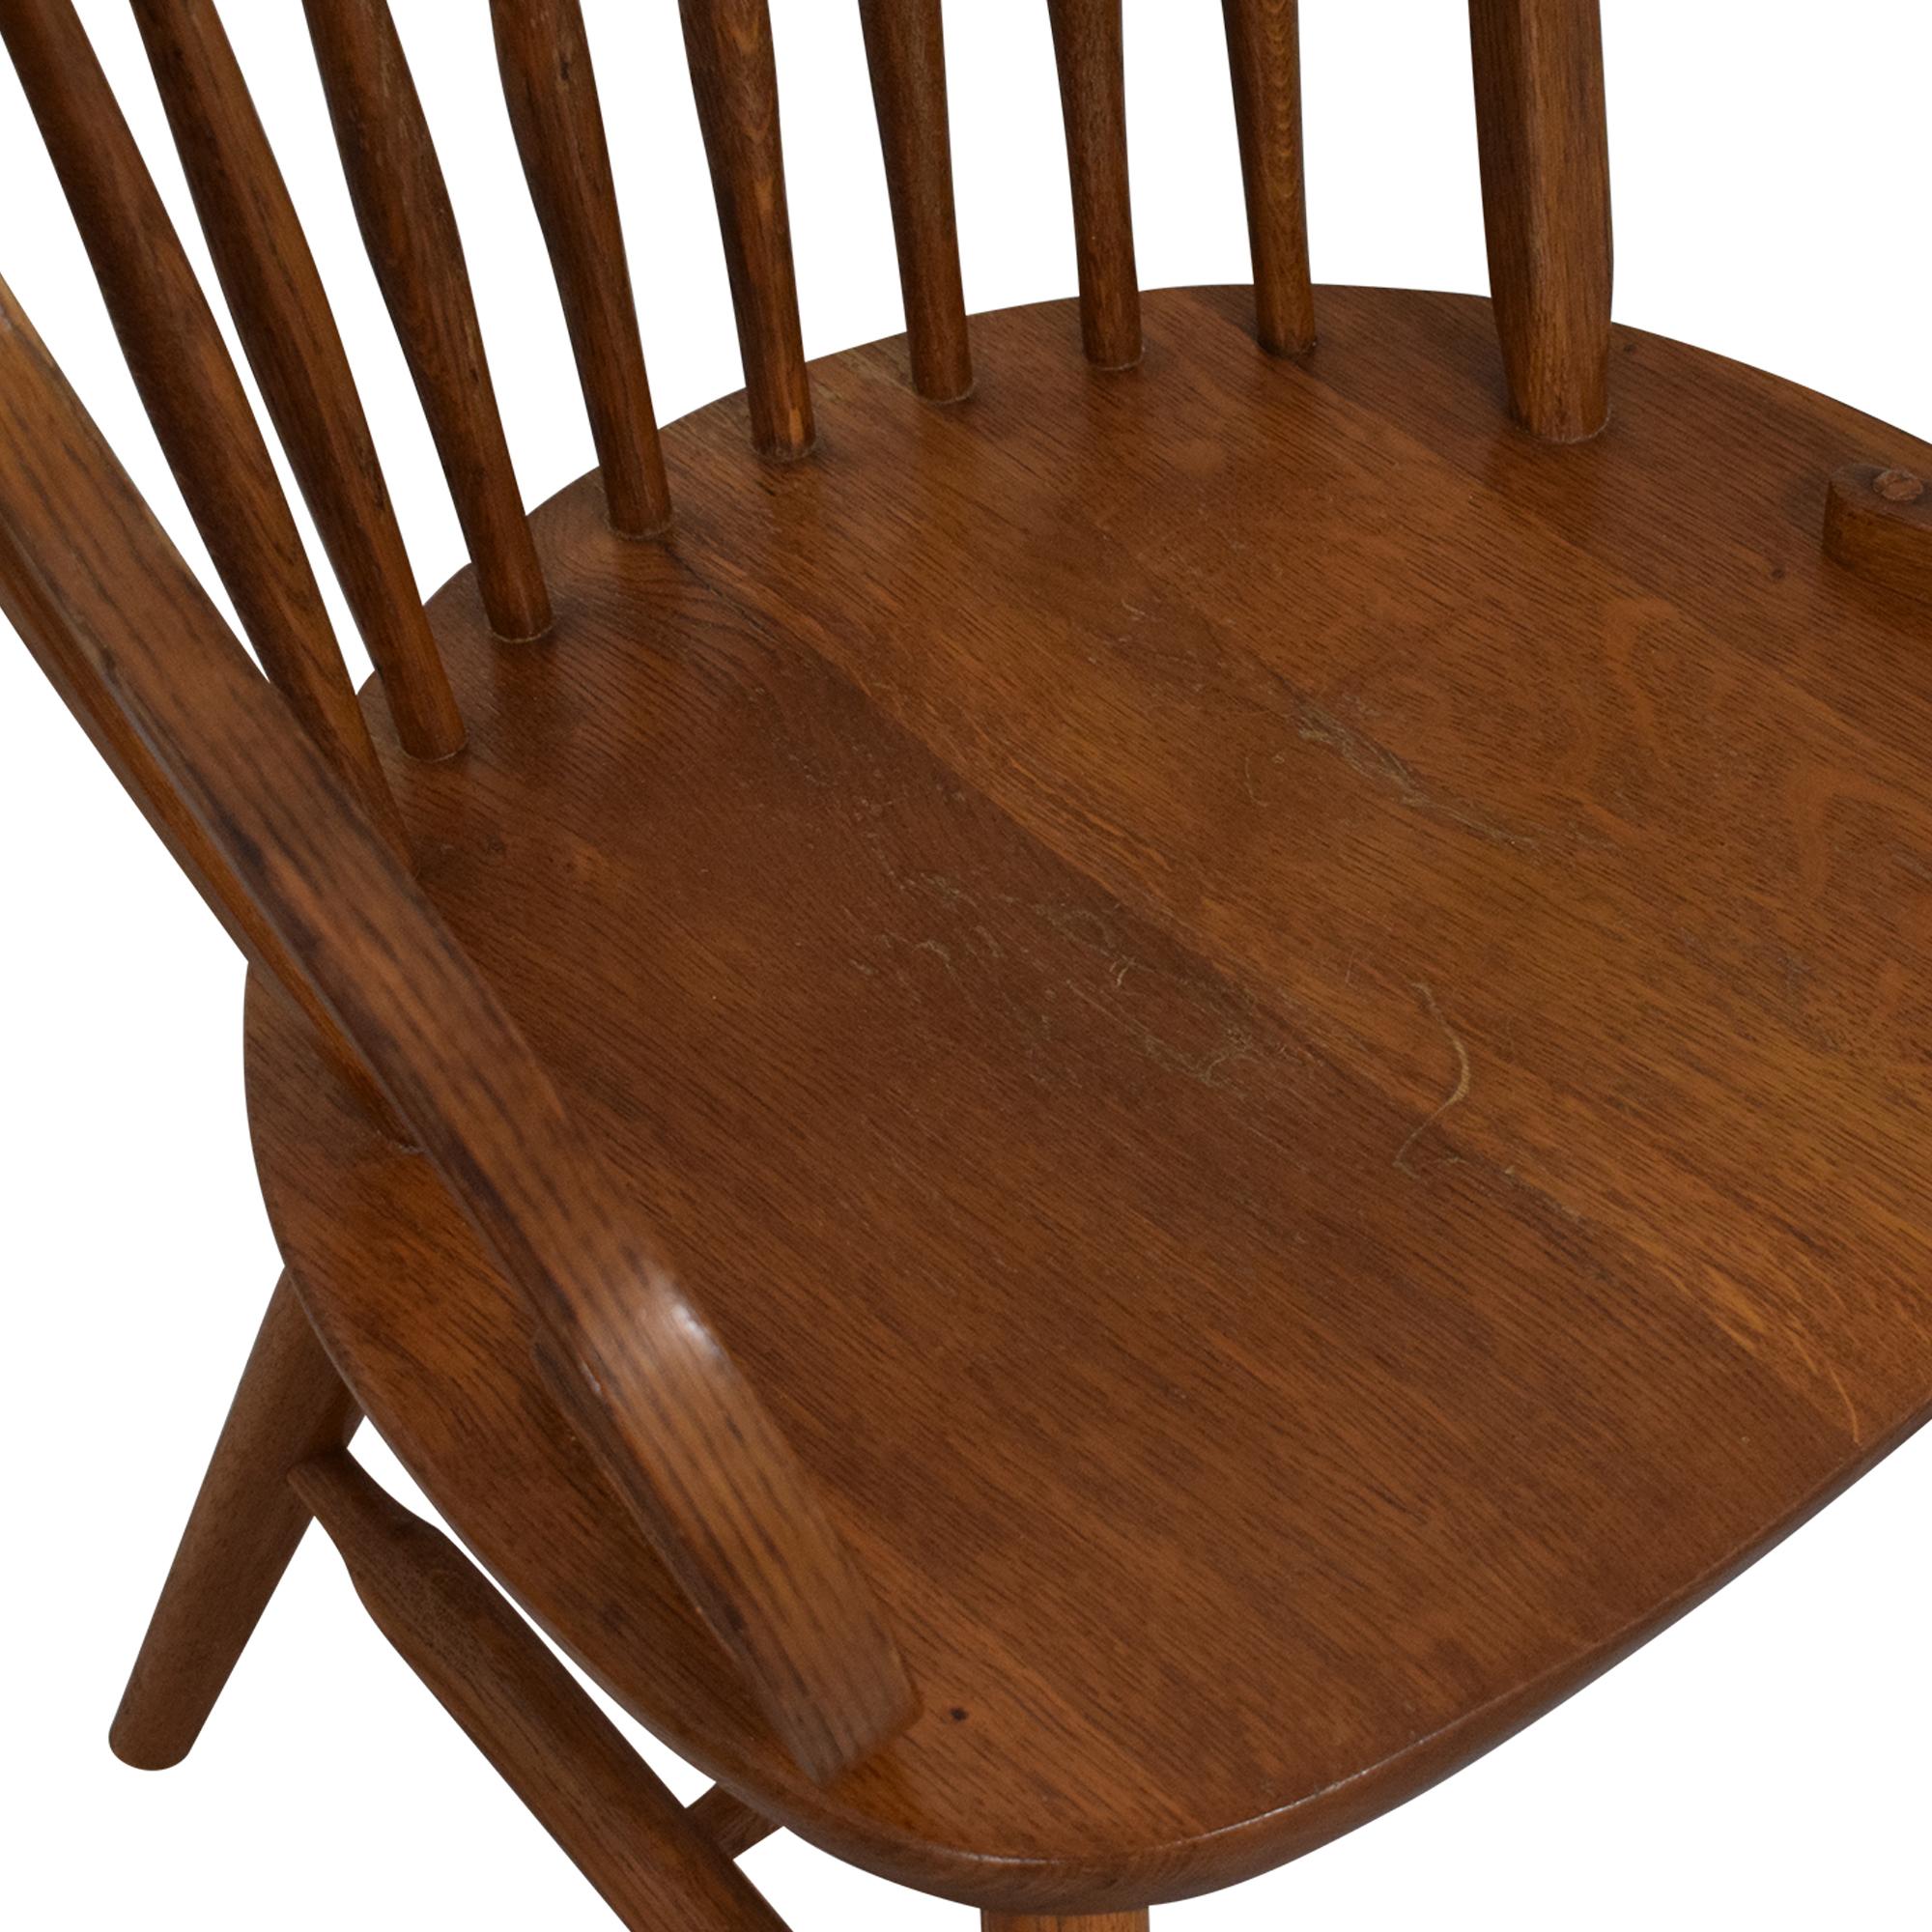 Keller Keller Dining Chairs brown